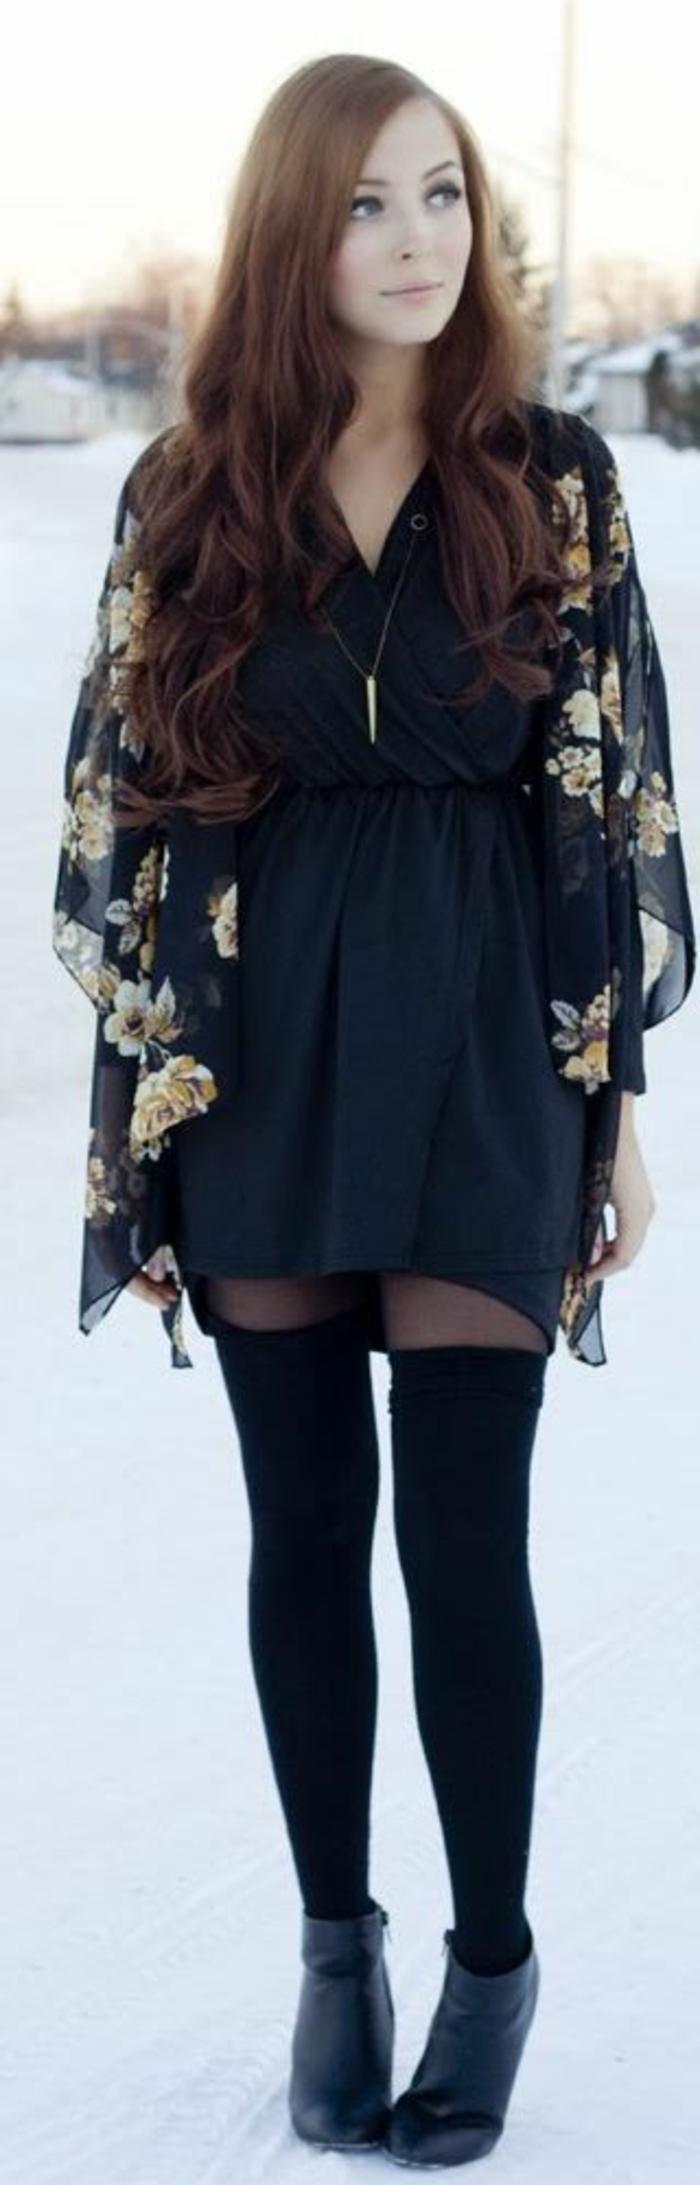 elegante-robe-norie-chaussettes-hautes-femme